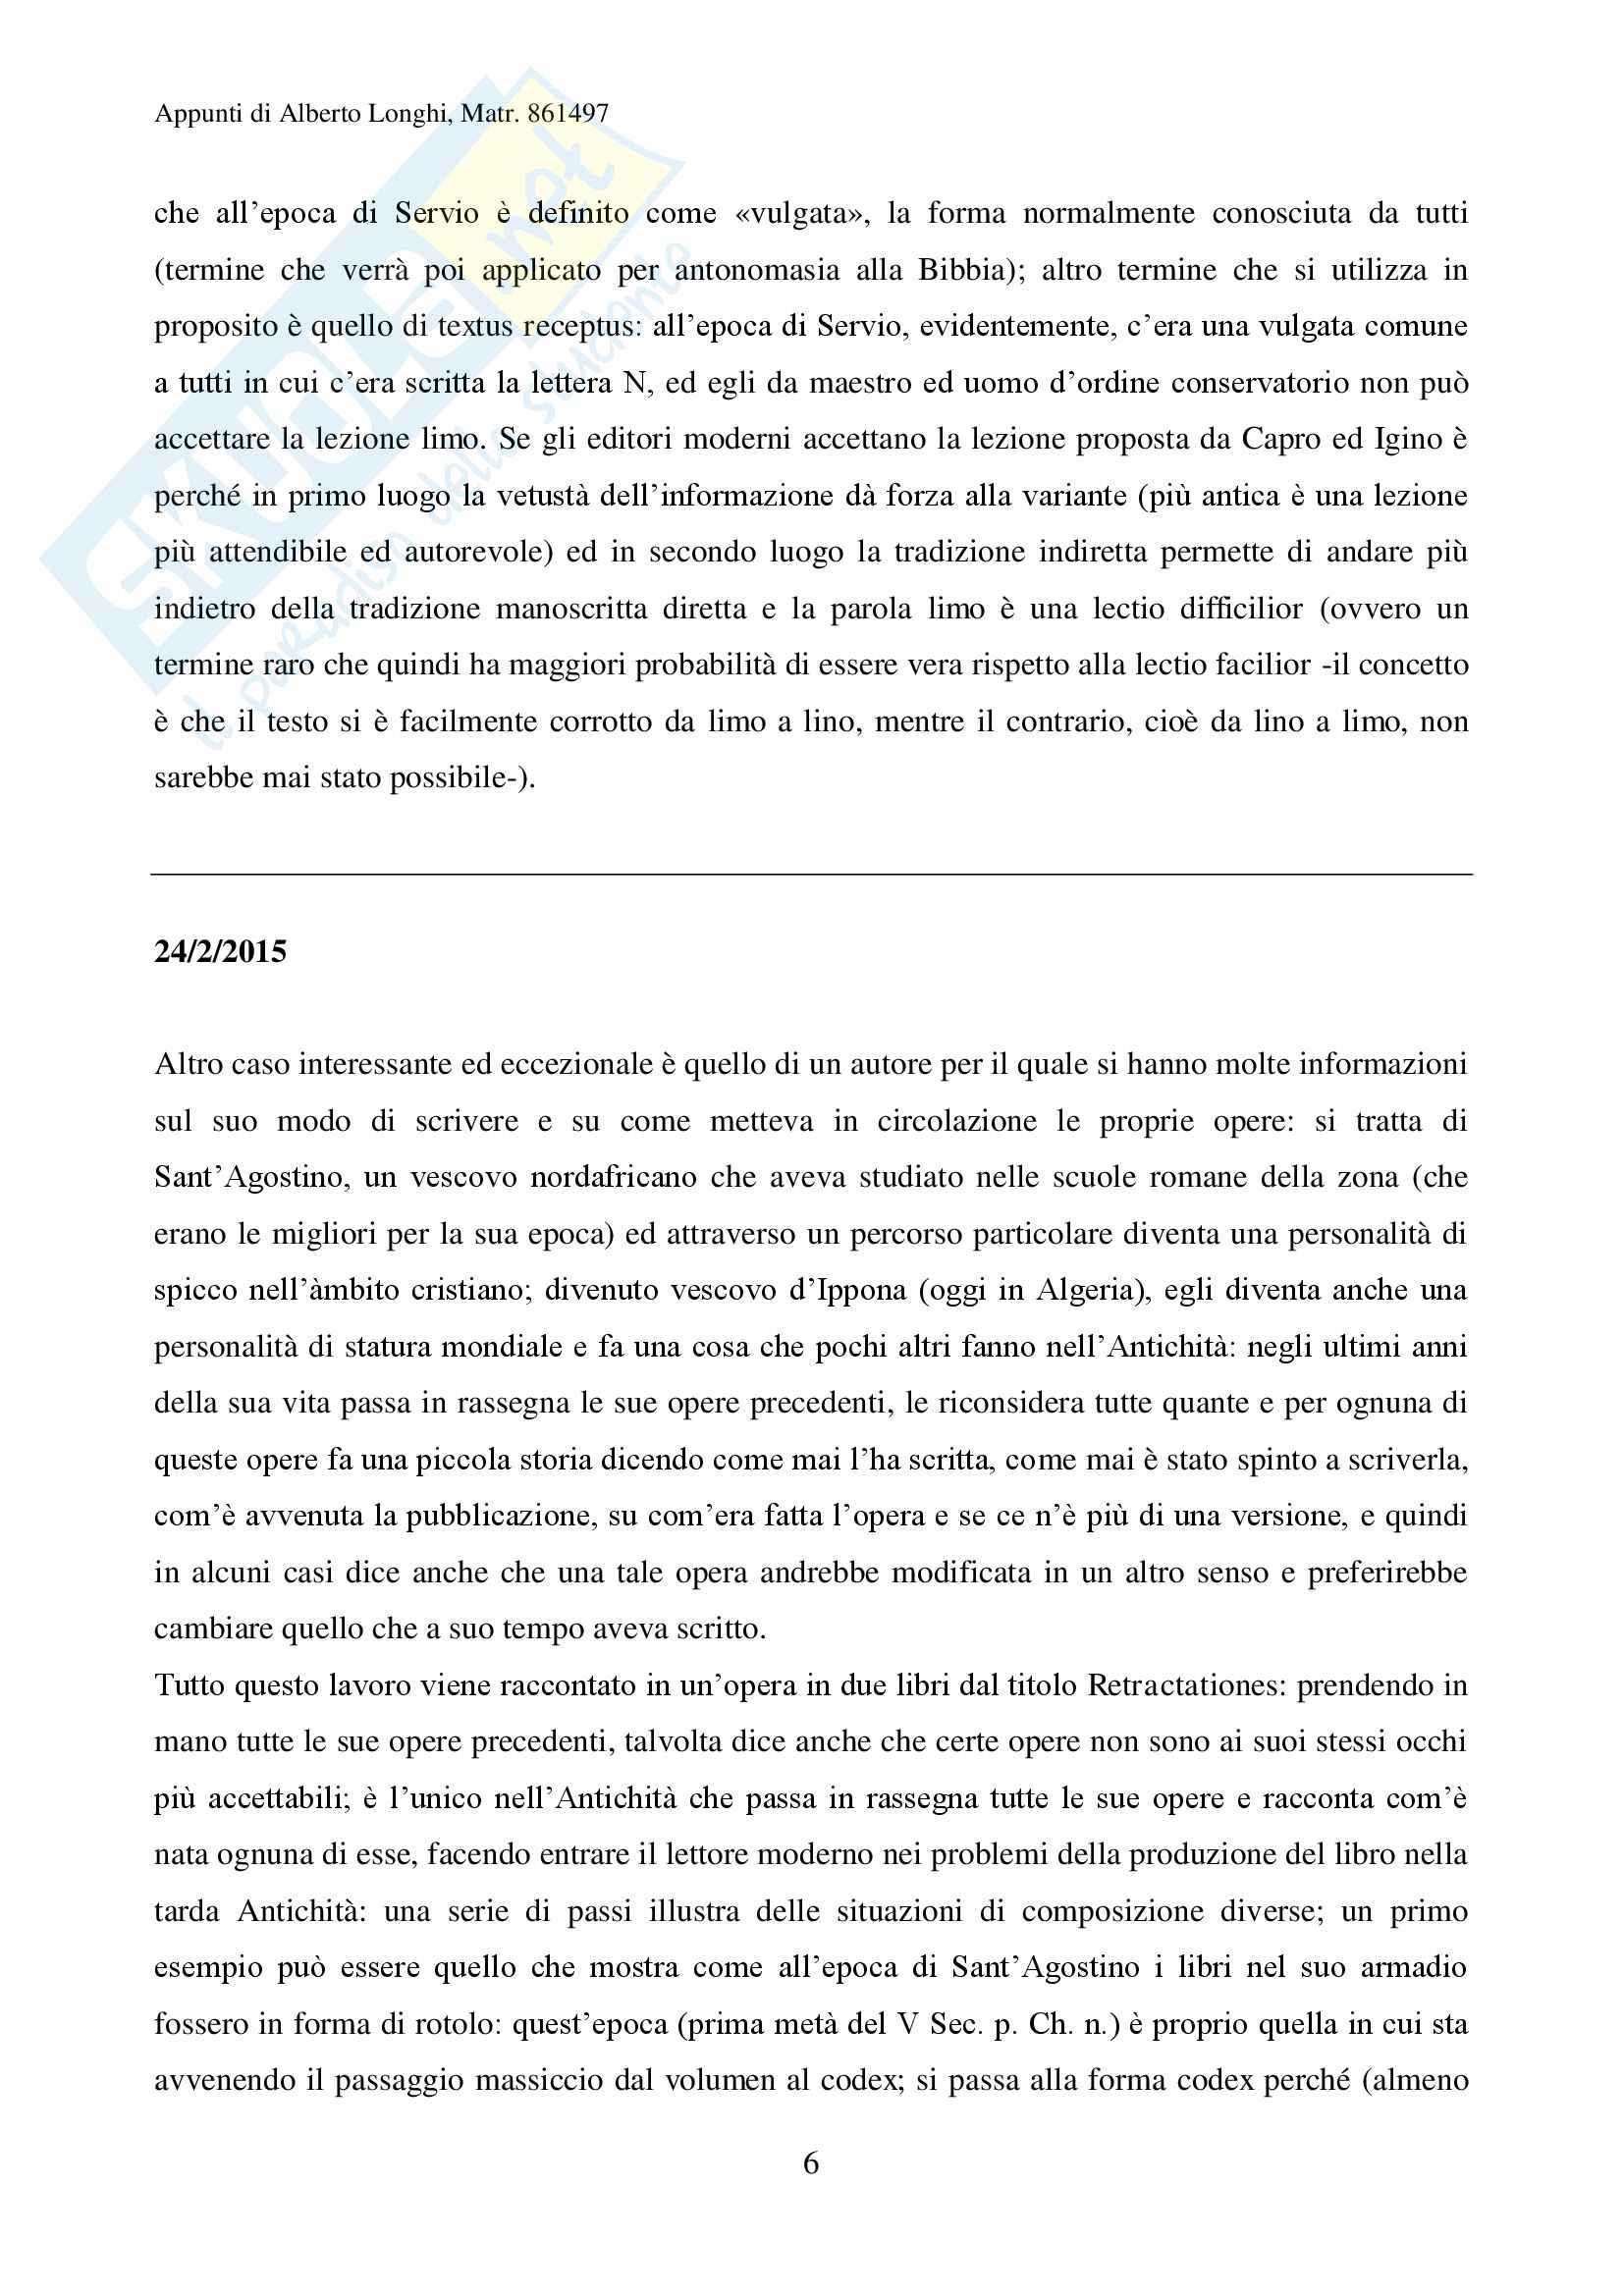 Filologia umanistica Pag. 6